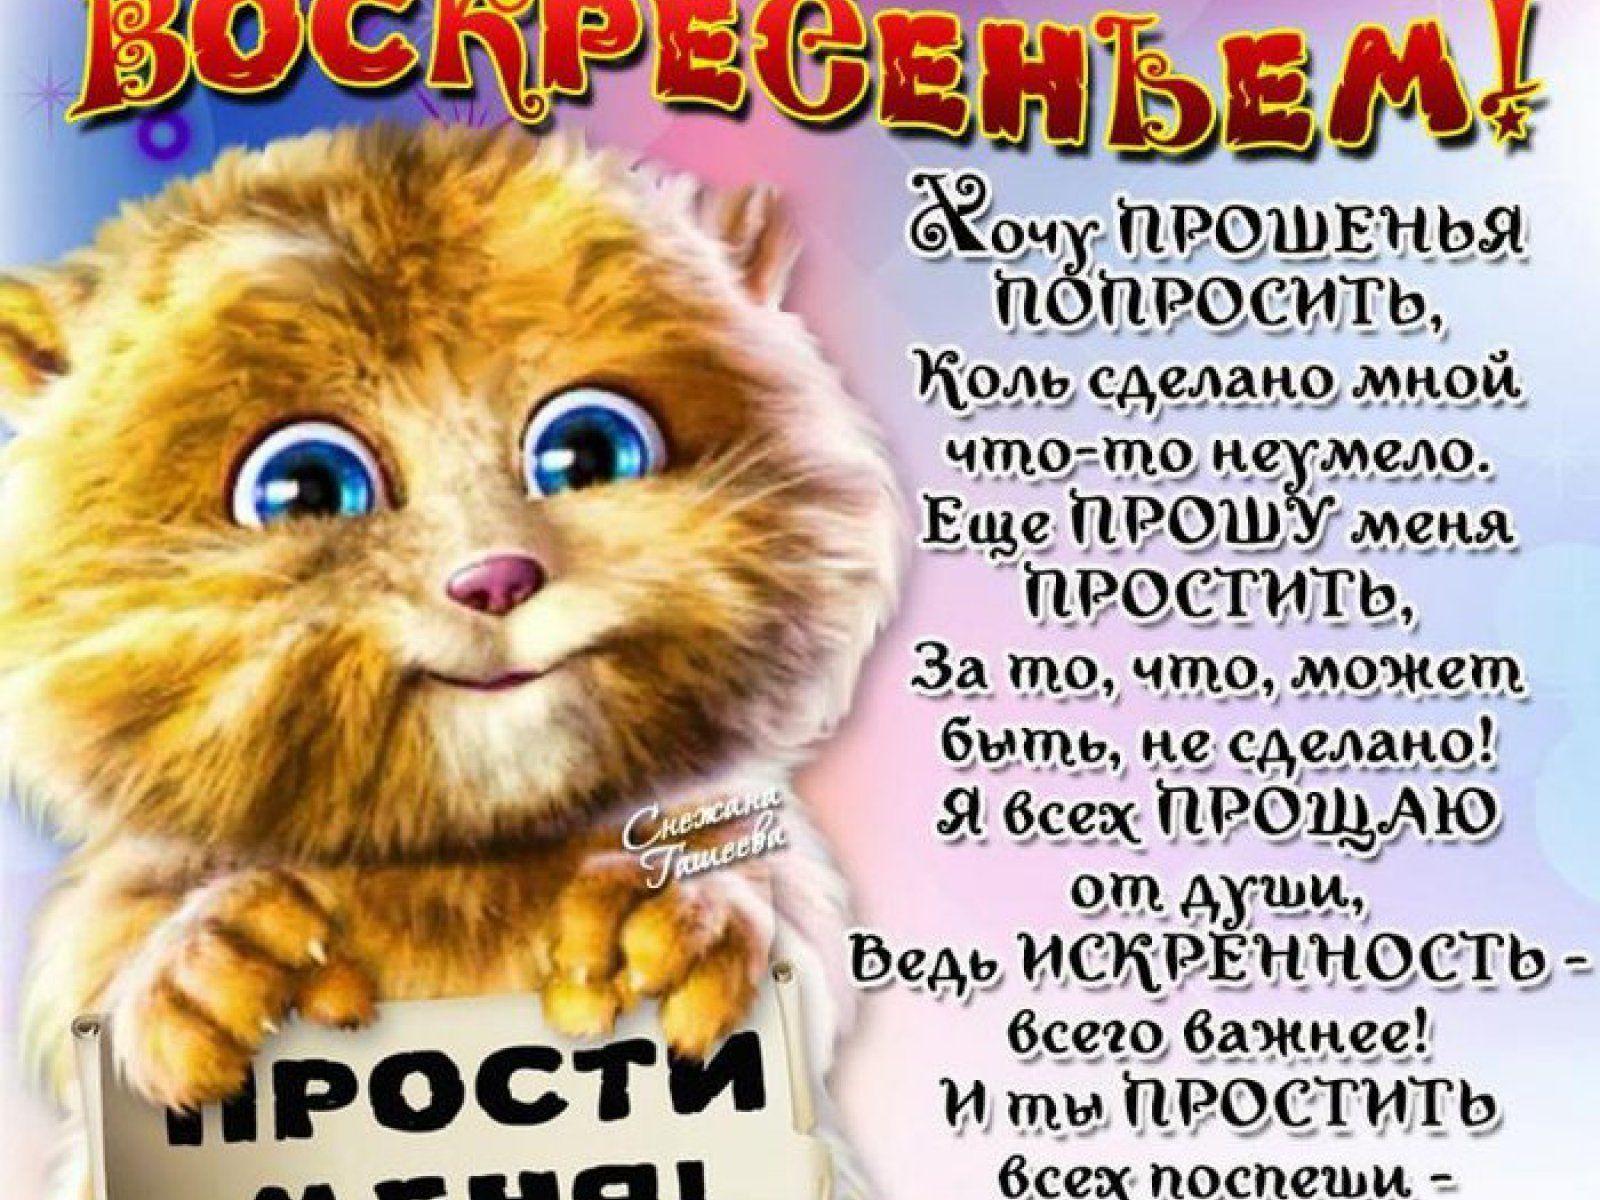 Прощеное воскресенье короткие поздравления по СМС картинки открытки анимации